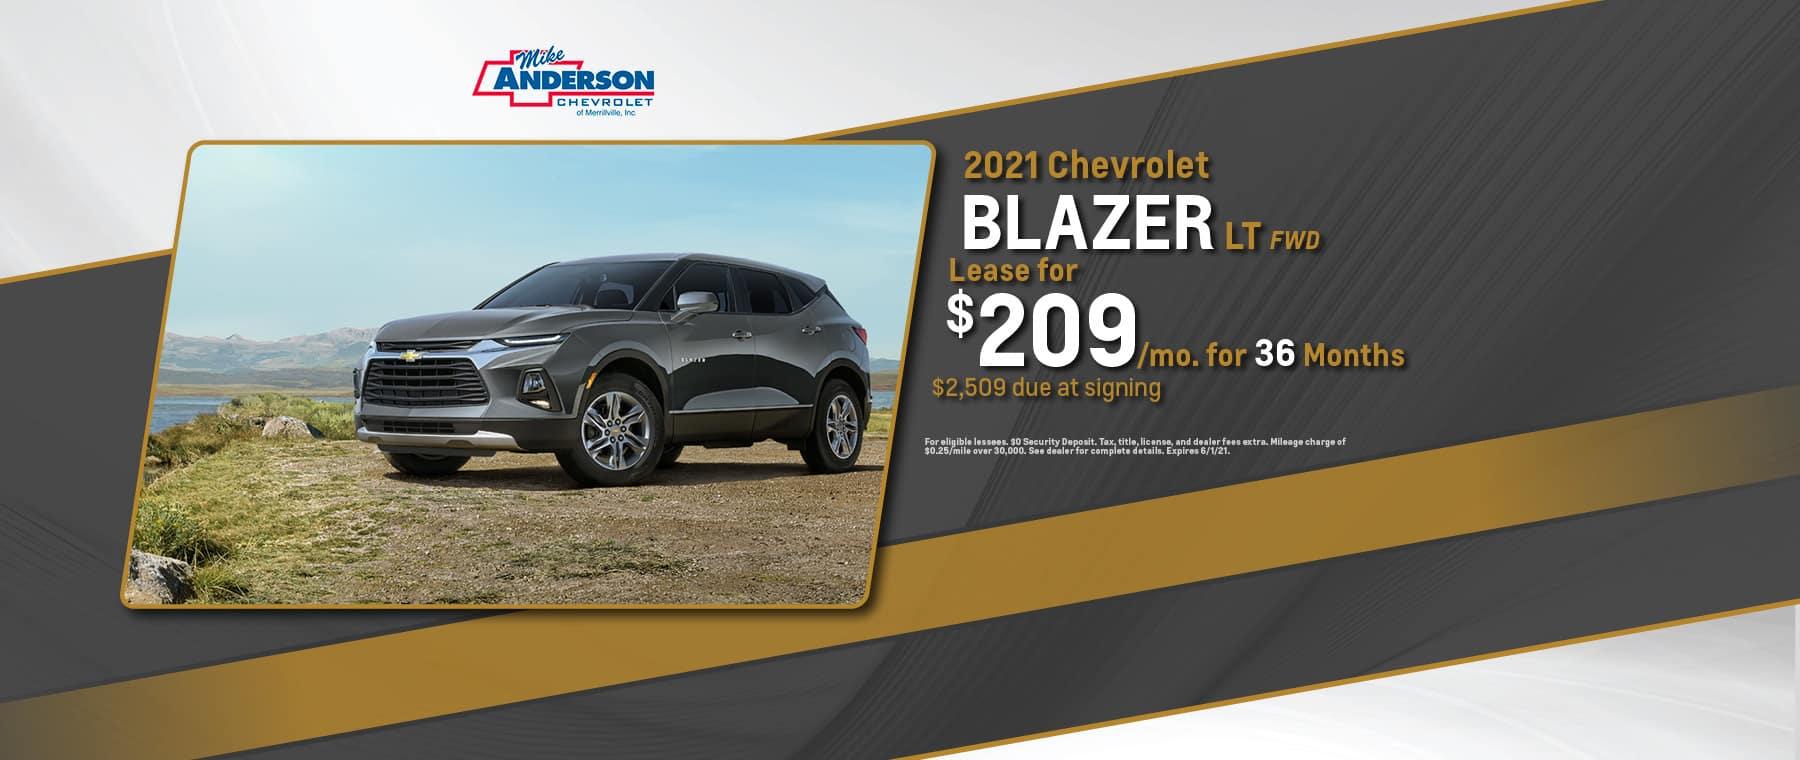 2021-05-mikeandersonchevmerroffplat-10293659-21BlazerLT-lease-OT